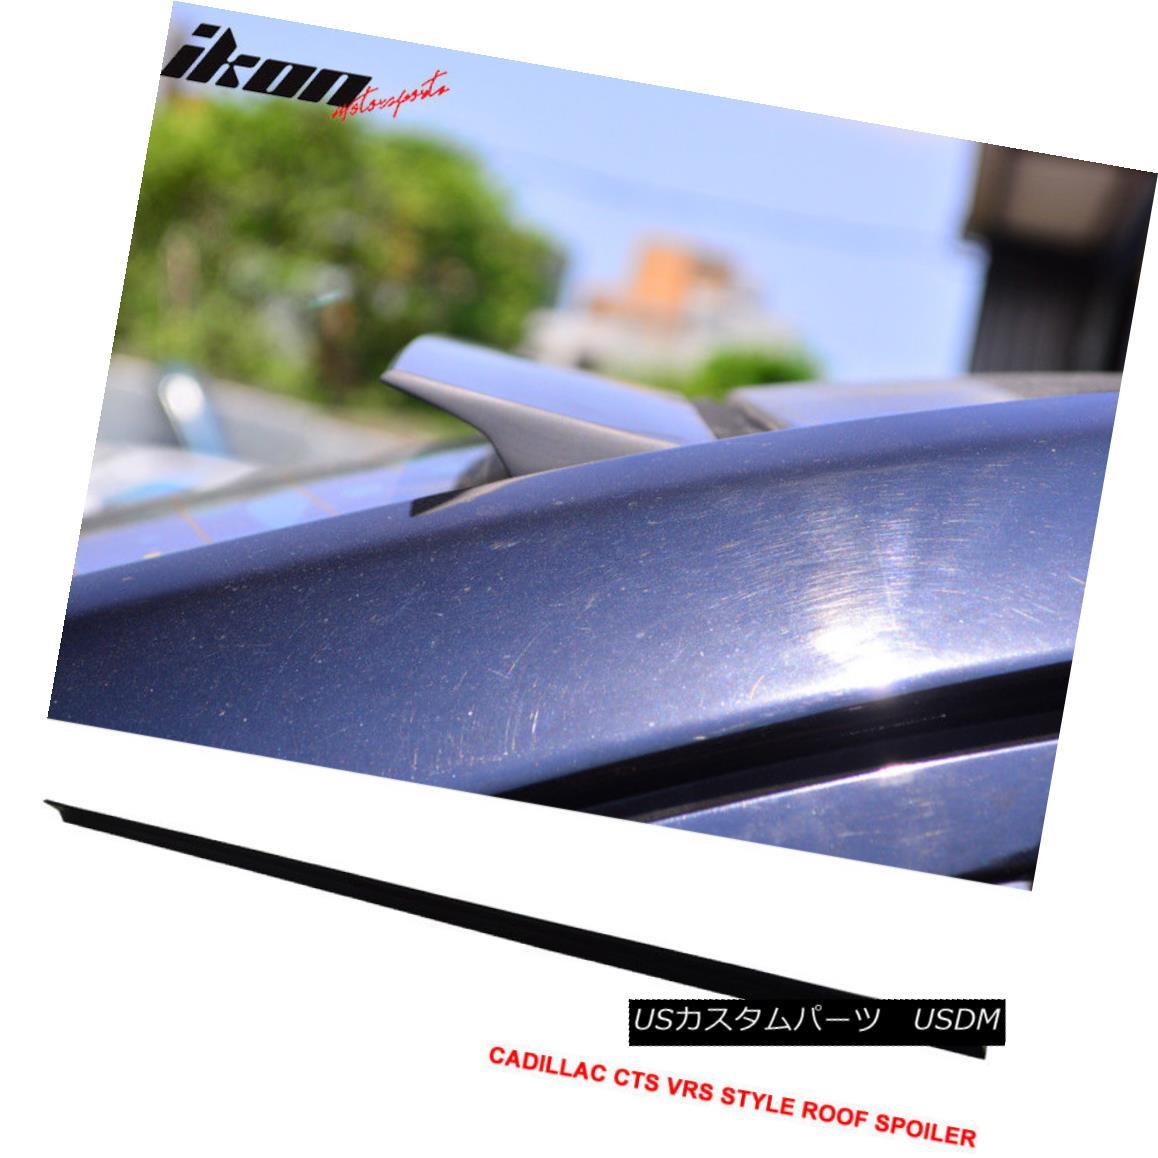 エアロパーツ 04-07 Cadillac CTS 4Dr VRS Style Roof Spoiler Unpainted Black - PUF 04-07キャデラックCTS 4Dr VRSスタイルルーフスポイラー無塗装黒 - PUF